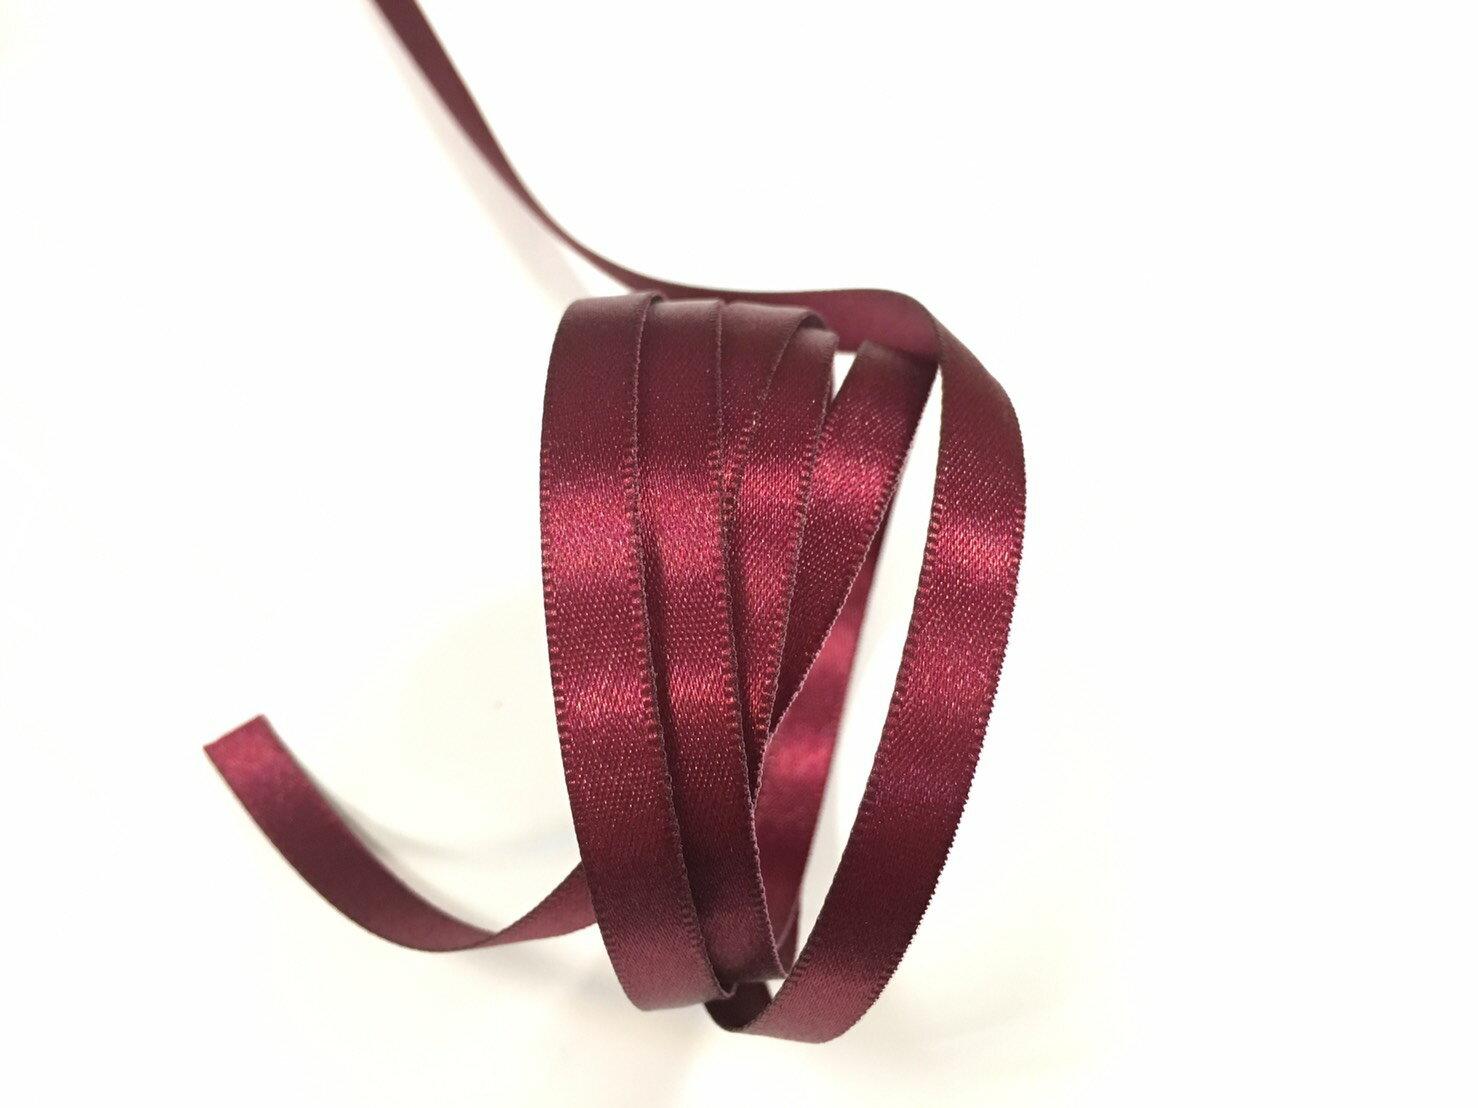 雙面緞面緞帶 6mm 3碼 (20色) 8